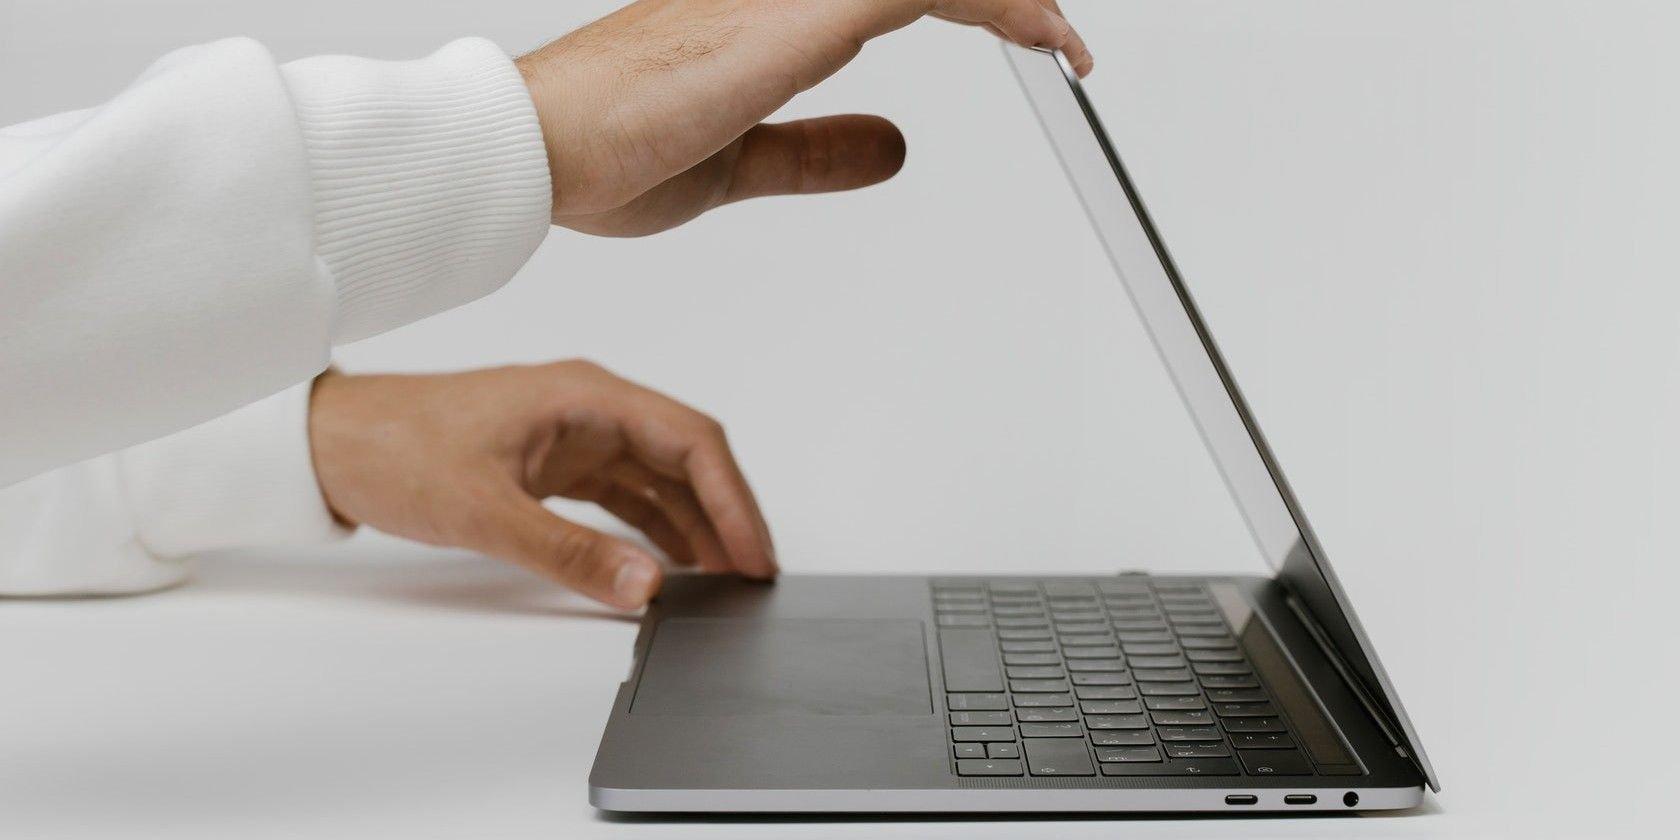 The 7 Lightest Laptops in 2021